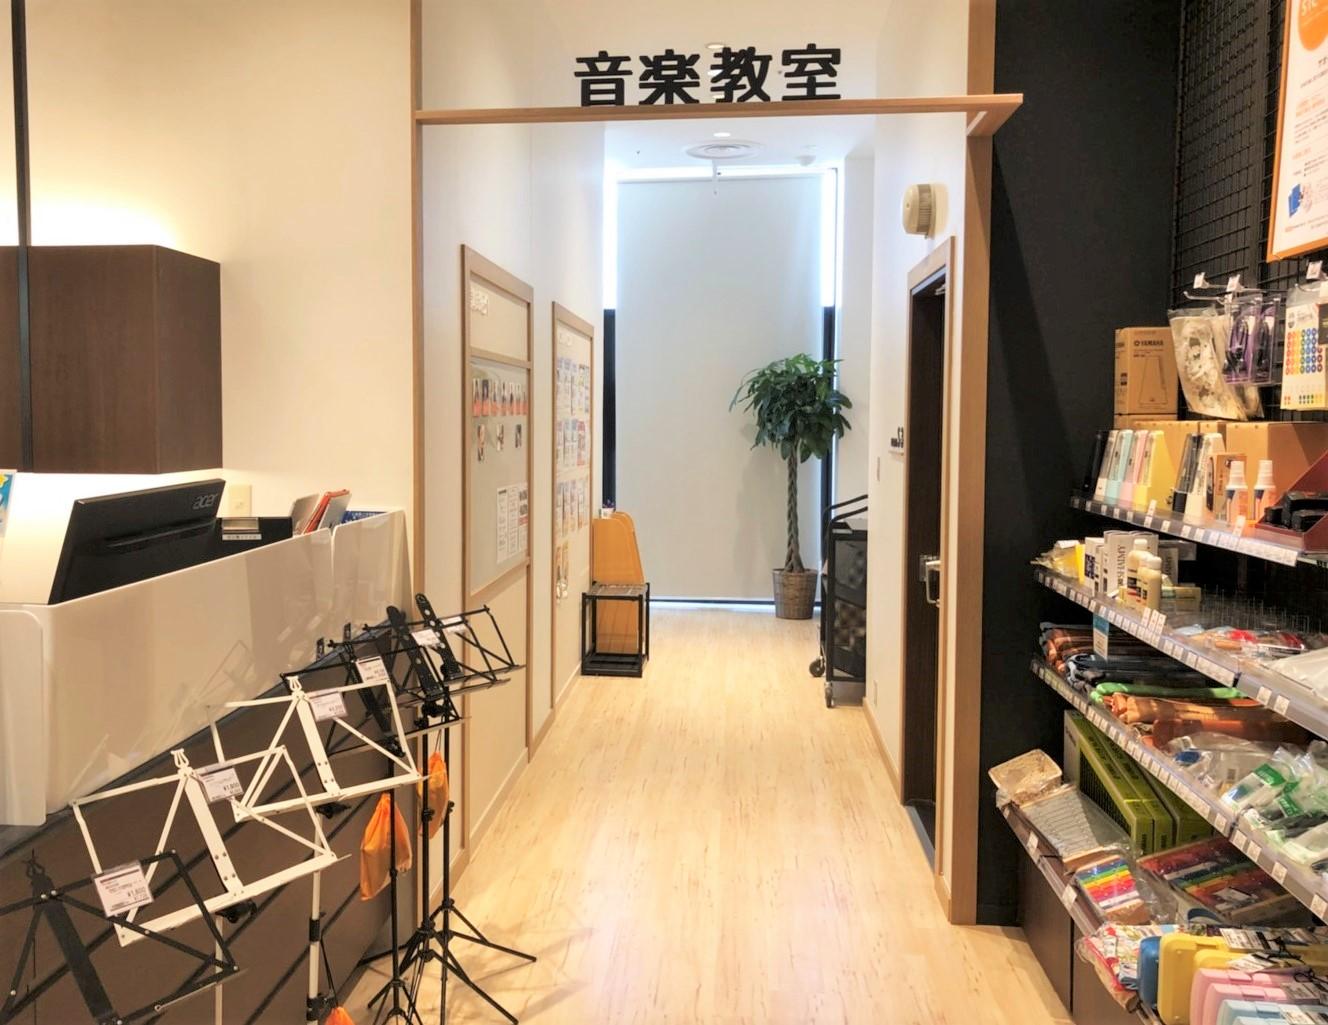 島村楽器アウトレット広島店 音楽教室 入口